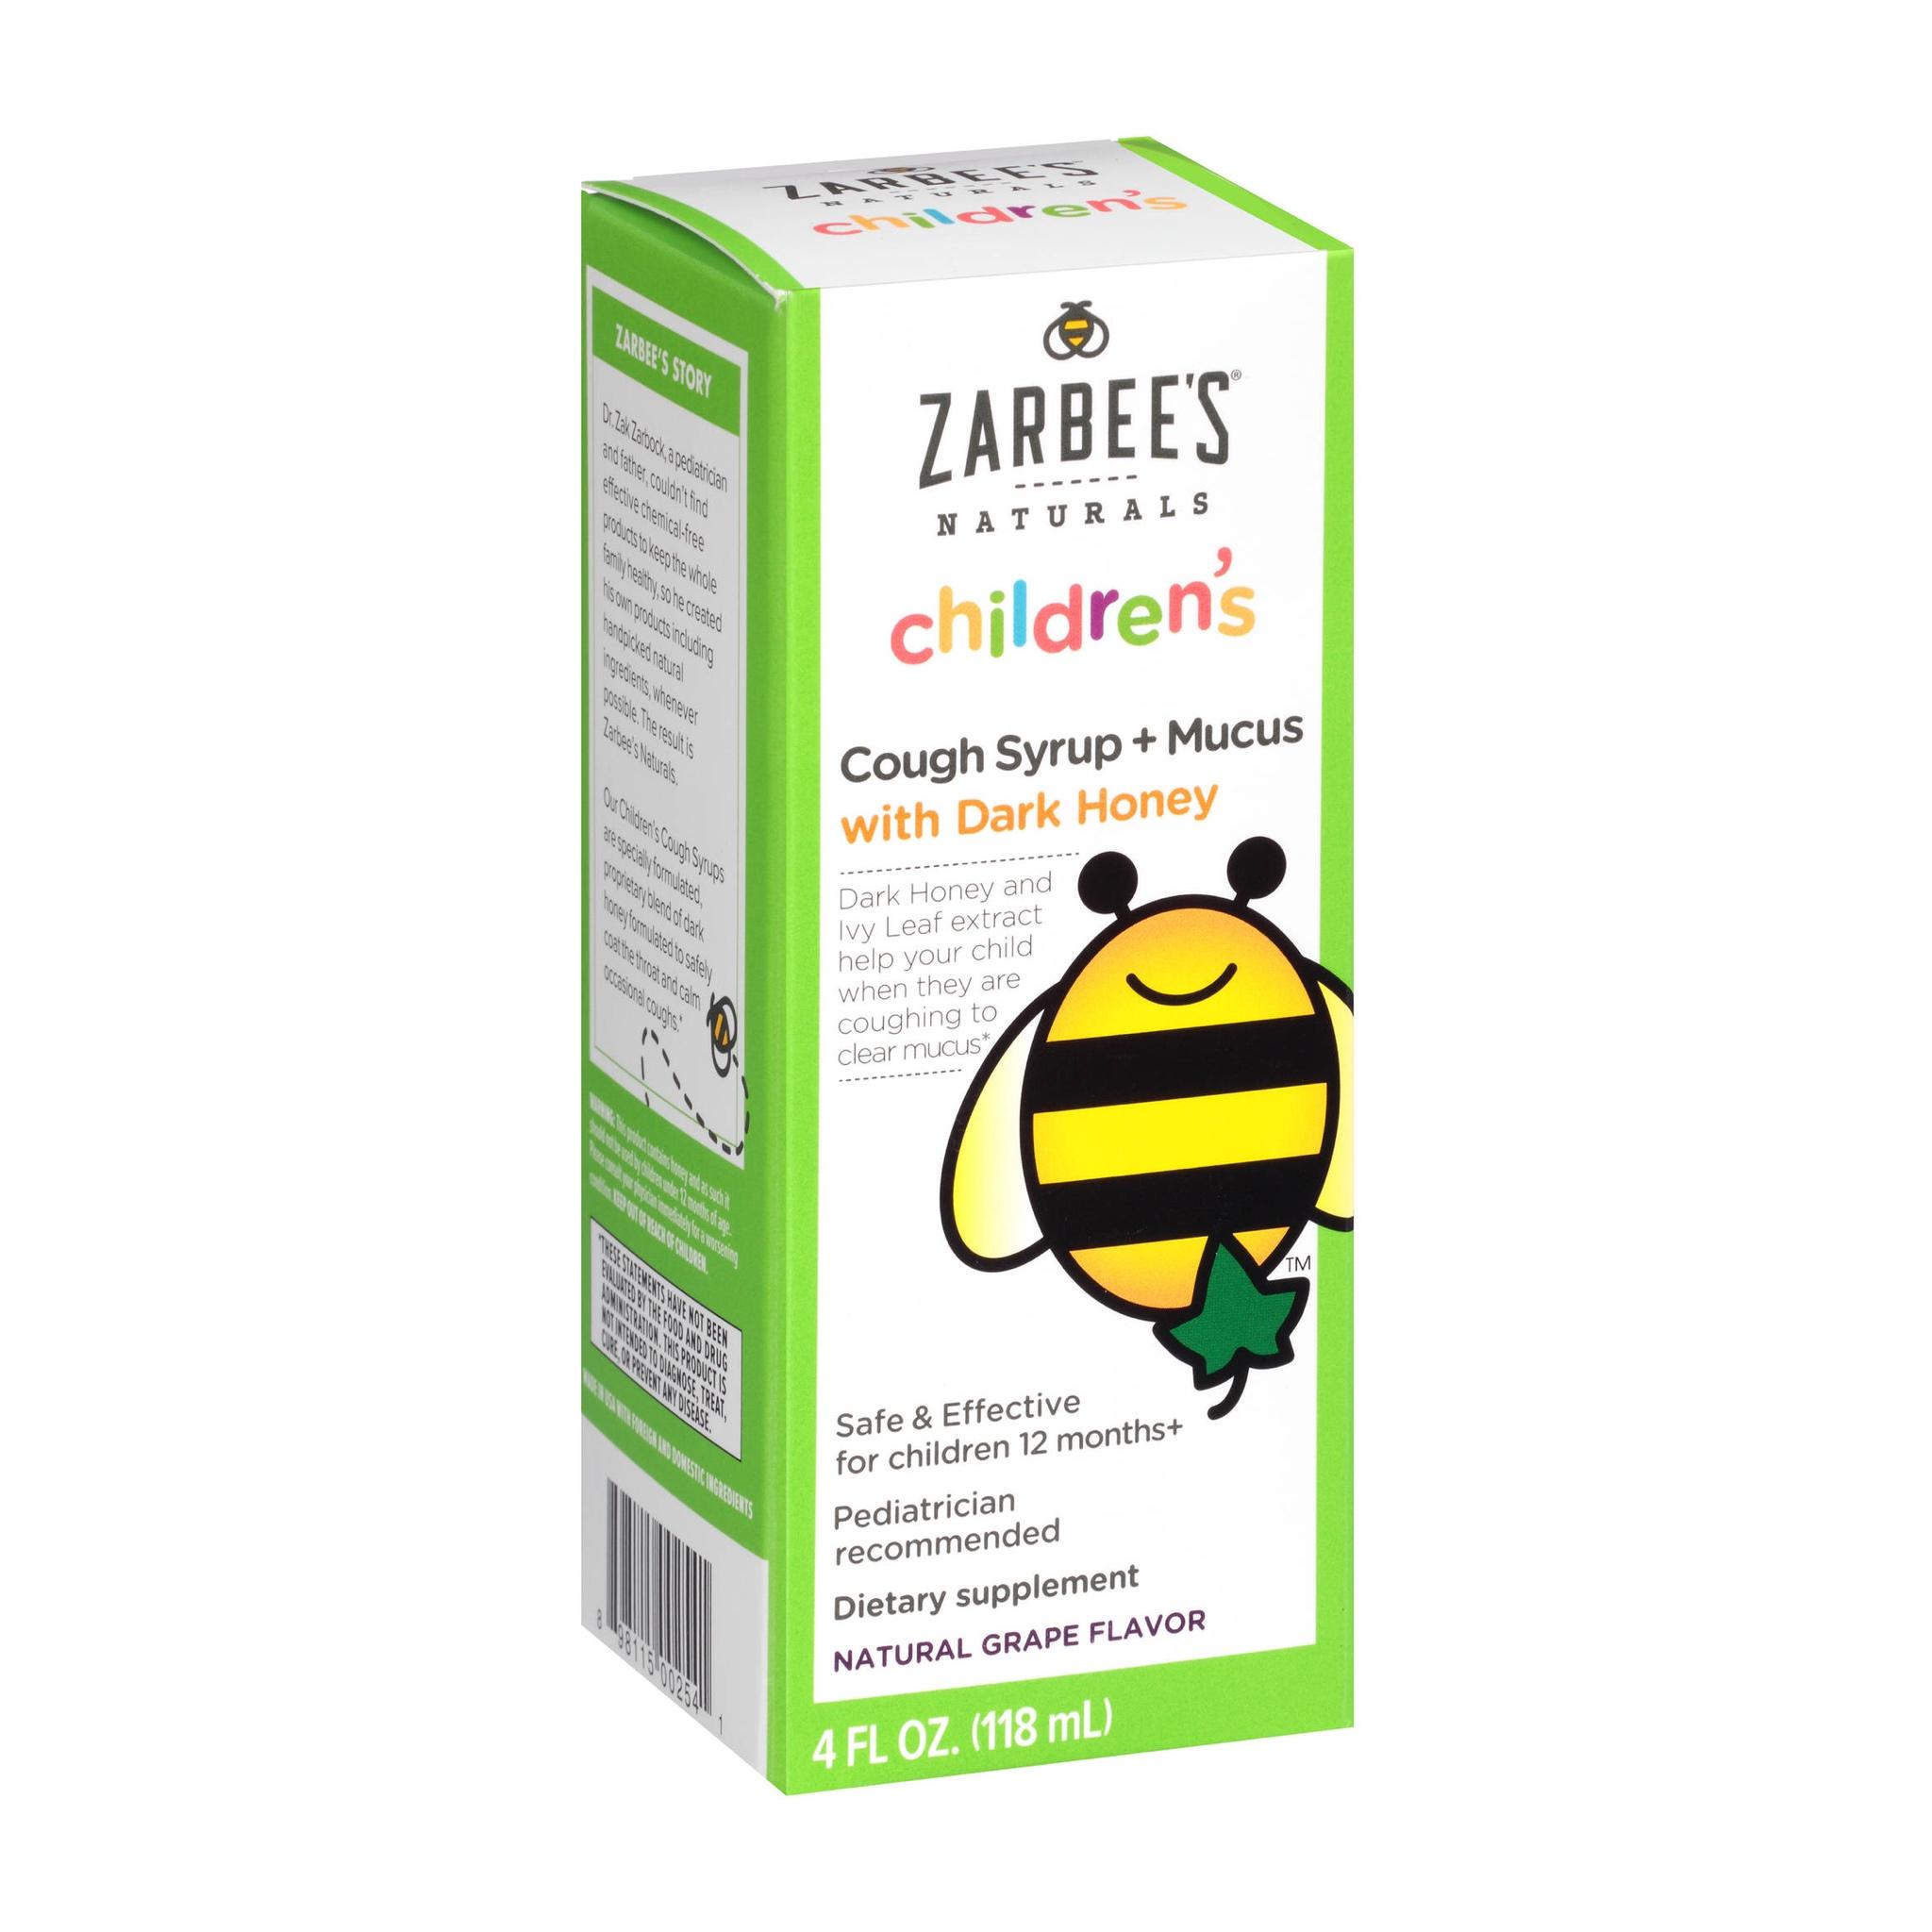 สมุนไพรบรรเทาอาการไอและลดน้ำมูกสำหรับเด็ก ZARBEE'S Naturals Children's Cough Syrup + Mucus with Dark Honey